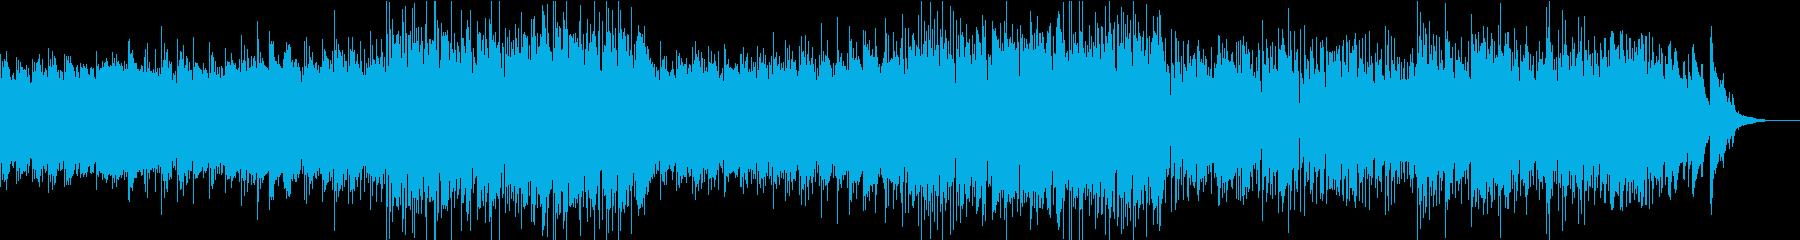 凛とした雰囲気のピアノジャズフュージョンの再生済みの波形